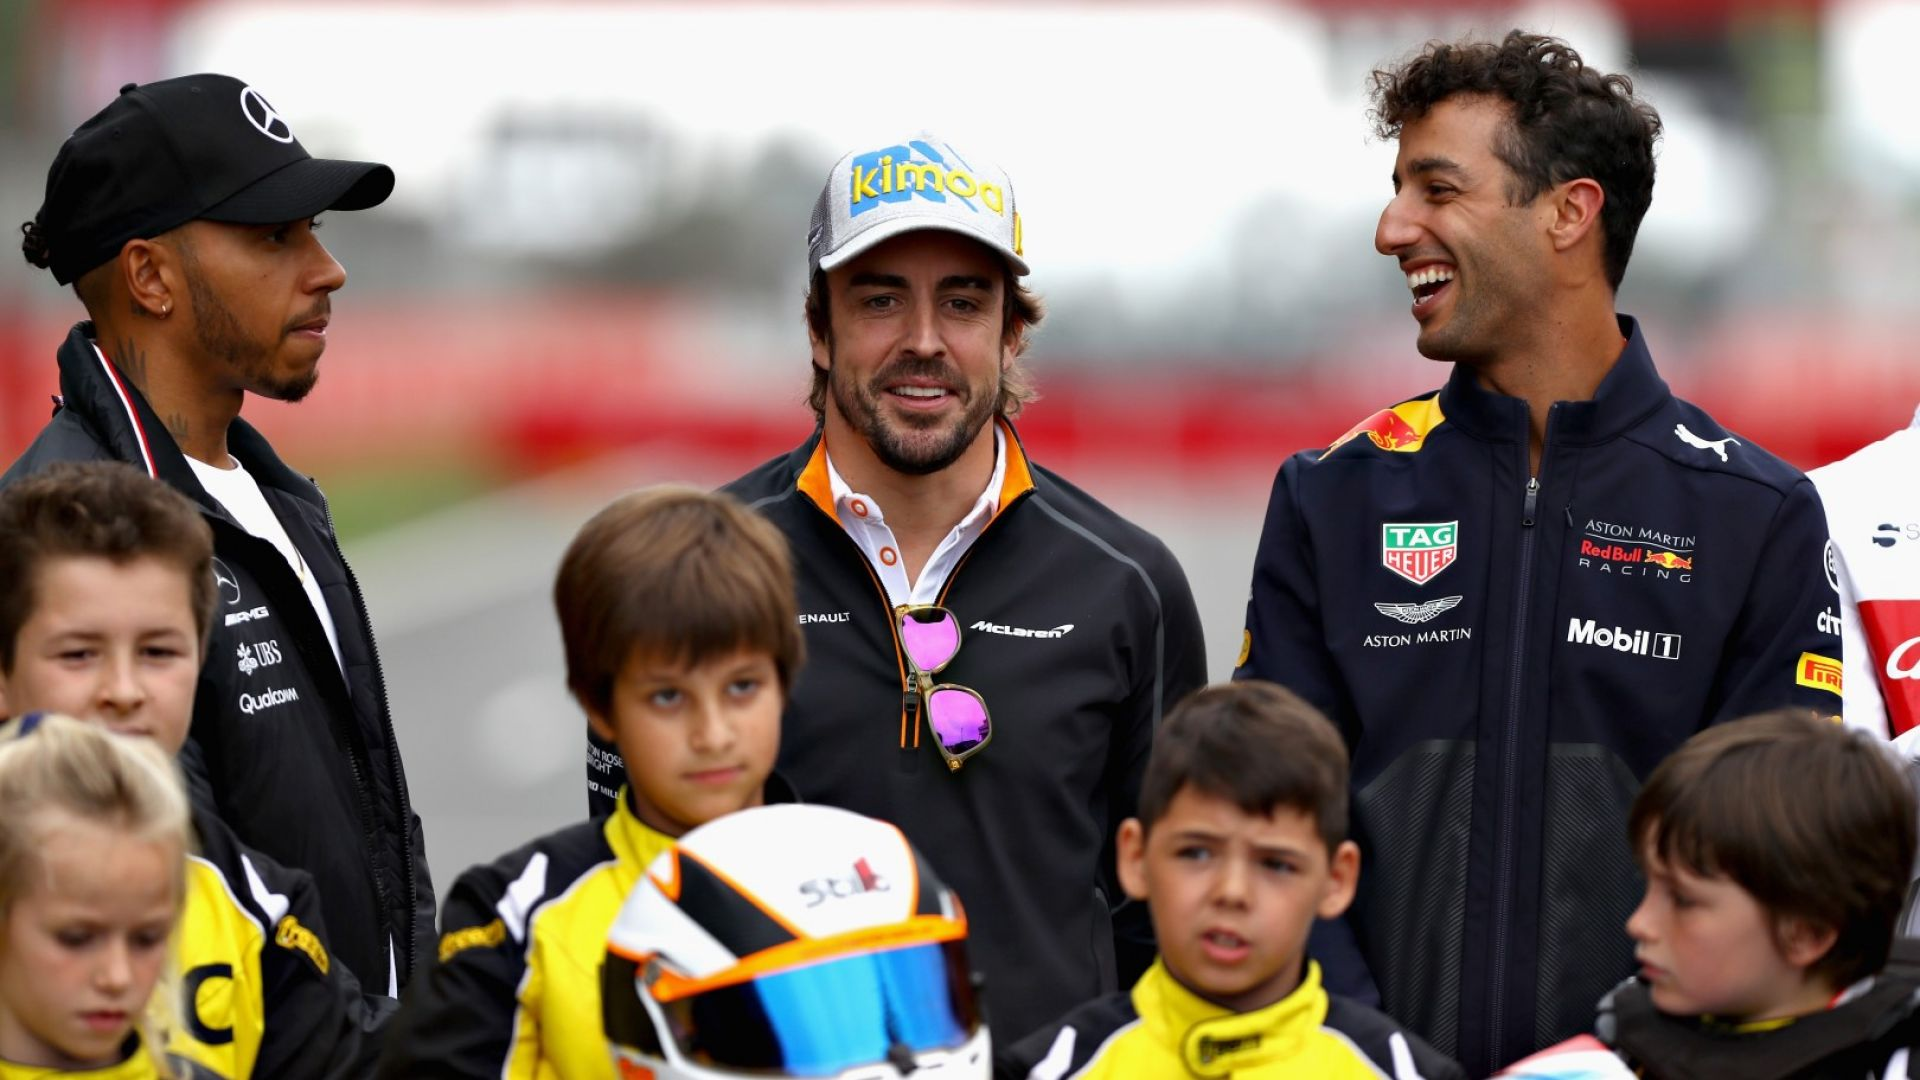 Люис и Фернандо в един глас: Това бе най-скучното състезание в историята